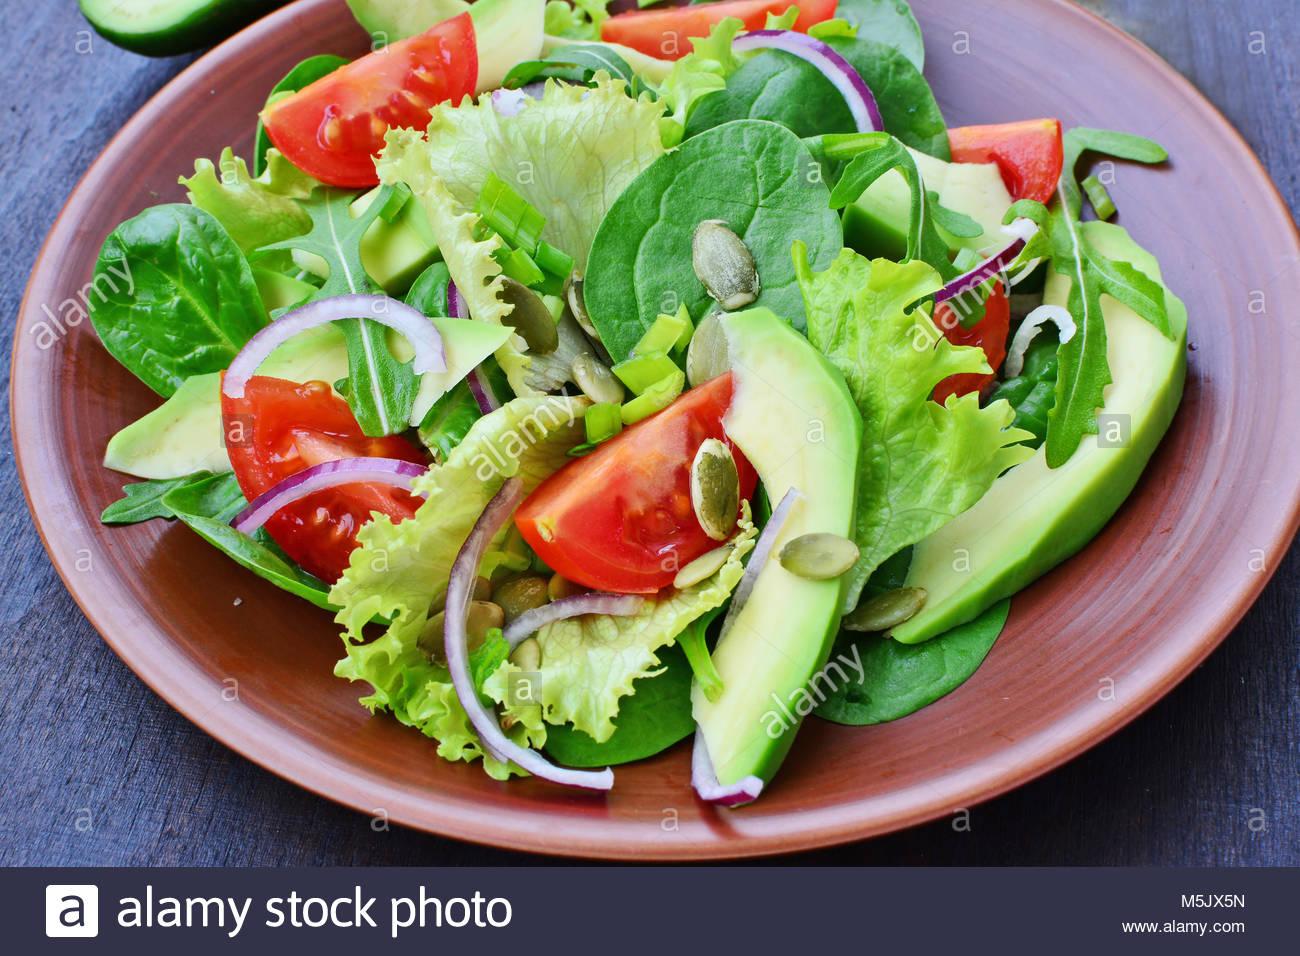 salade verte avec des légumes verts, roquette, jeunes épinards